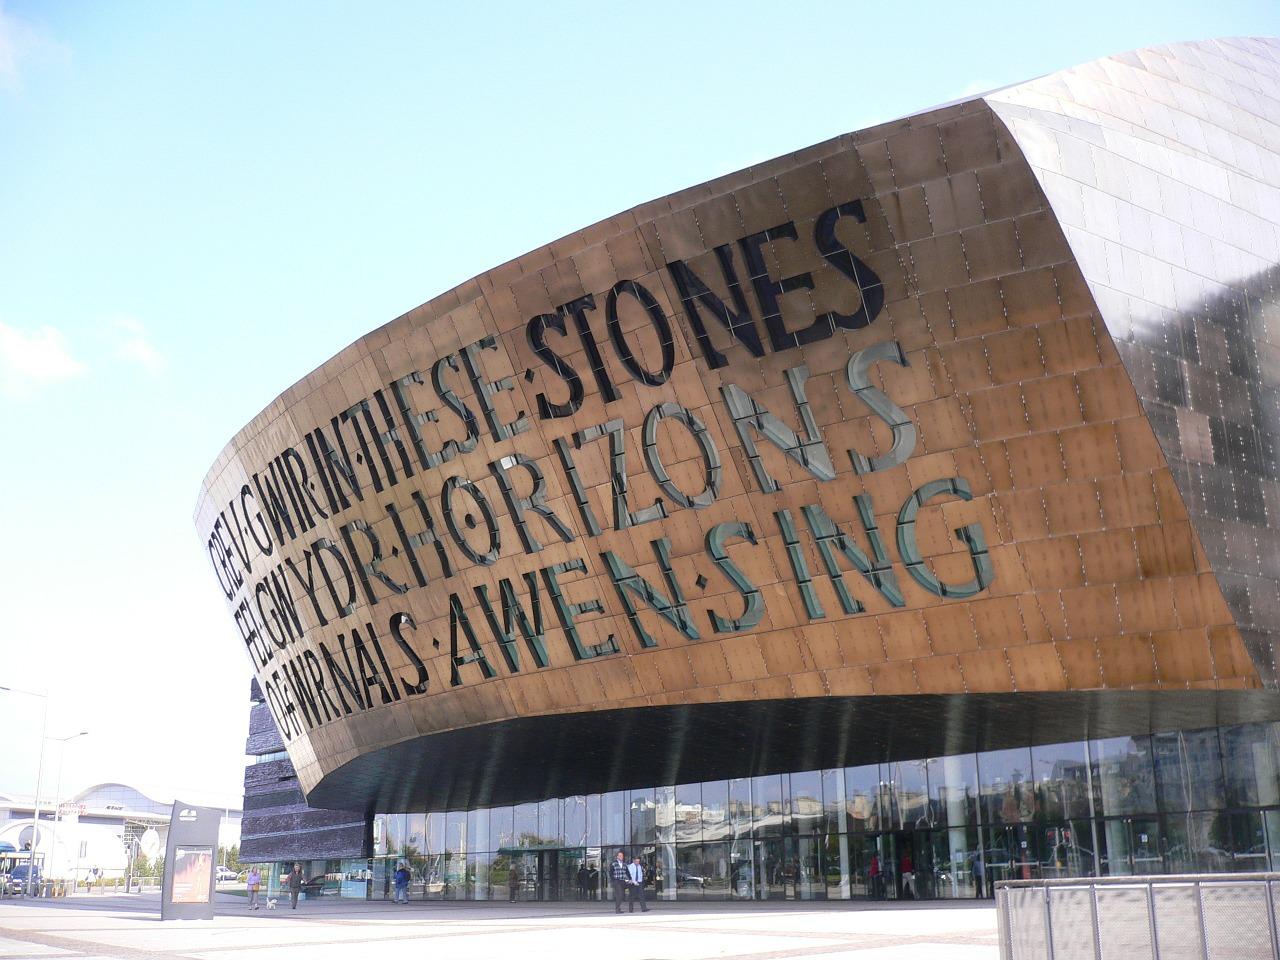 Millennium centre in Cardiff